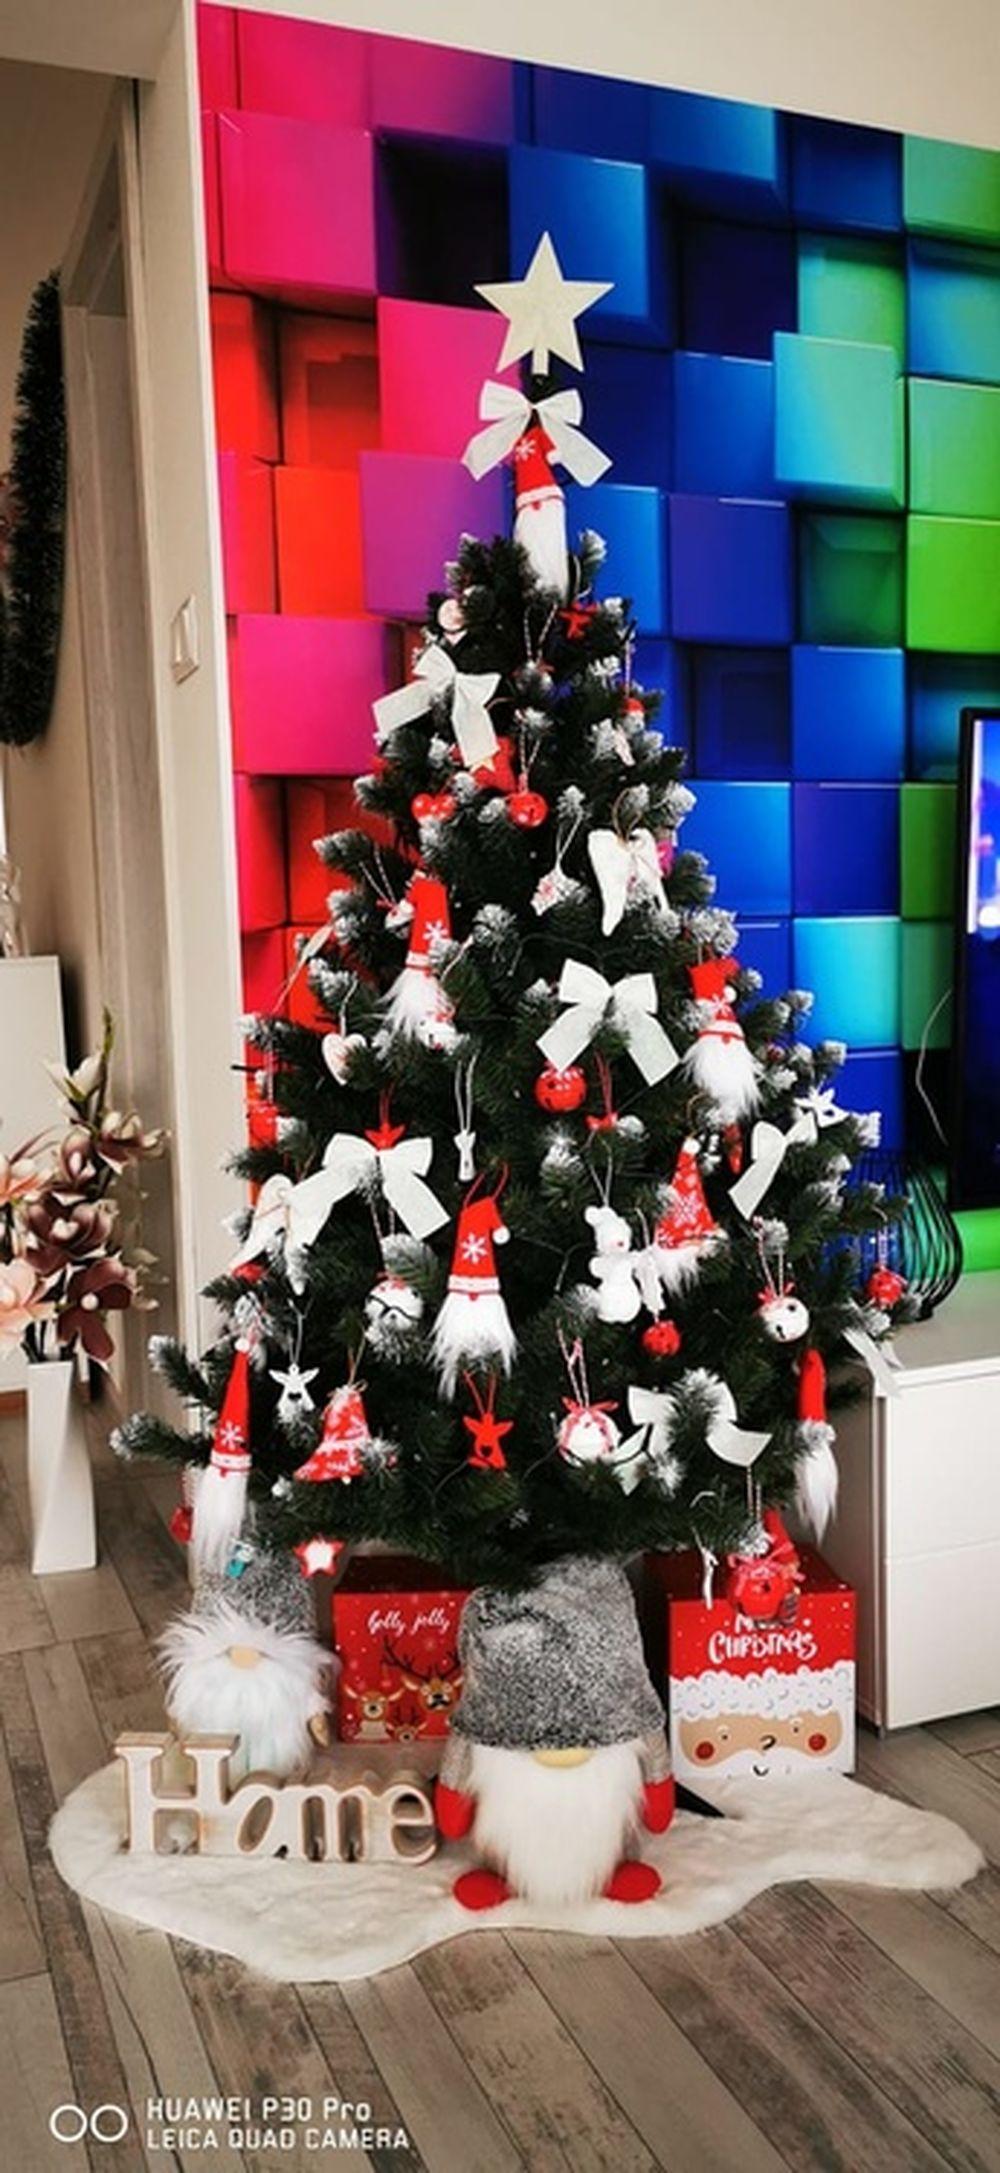 FOTO: Vianočné stromčeky v Žiline - výber fotografií našich čitateľov, foto 58